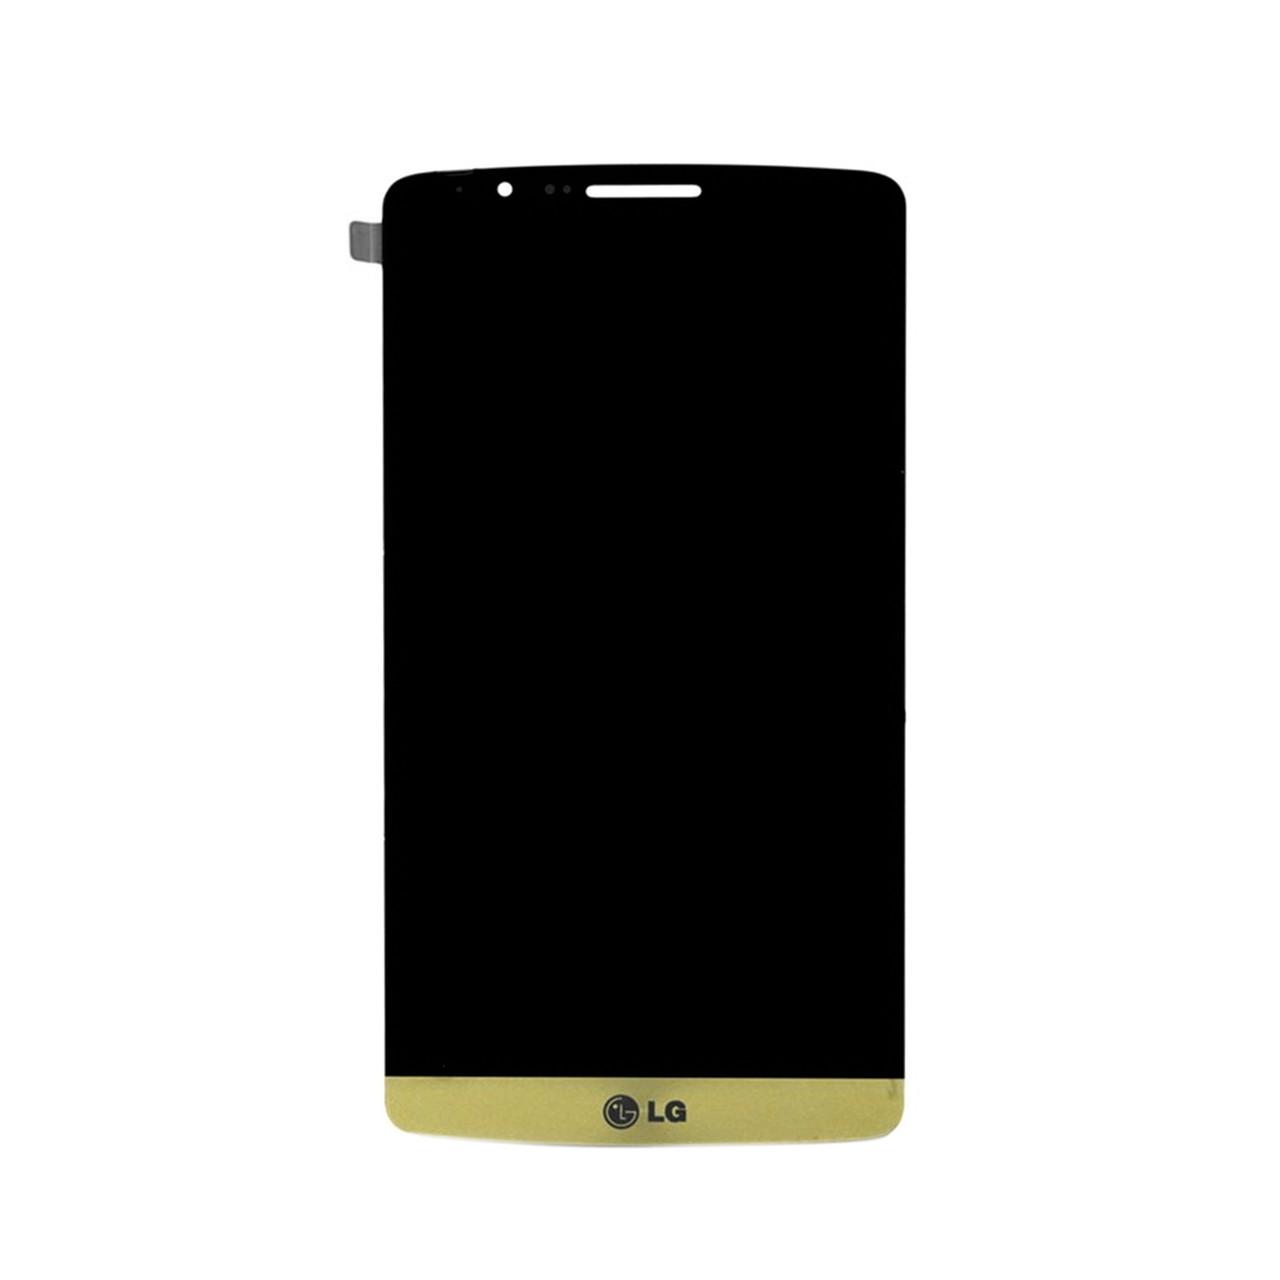 Дисплей LG G3 D855 в сборе Gold (32)